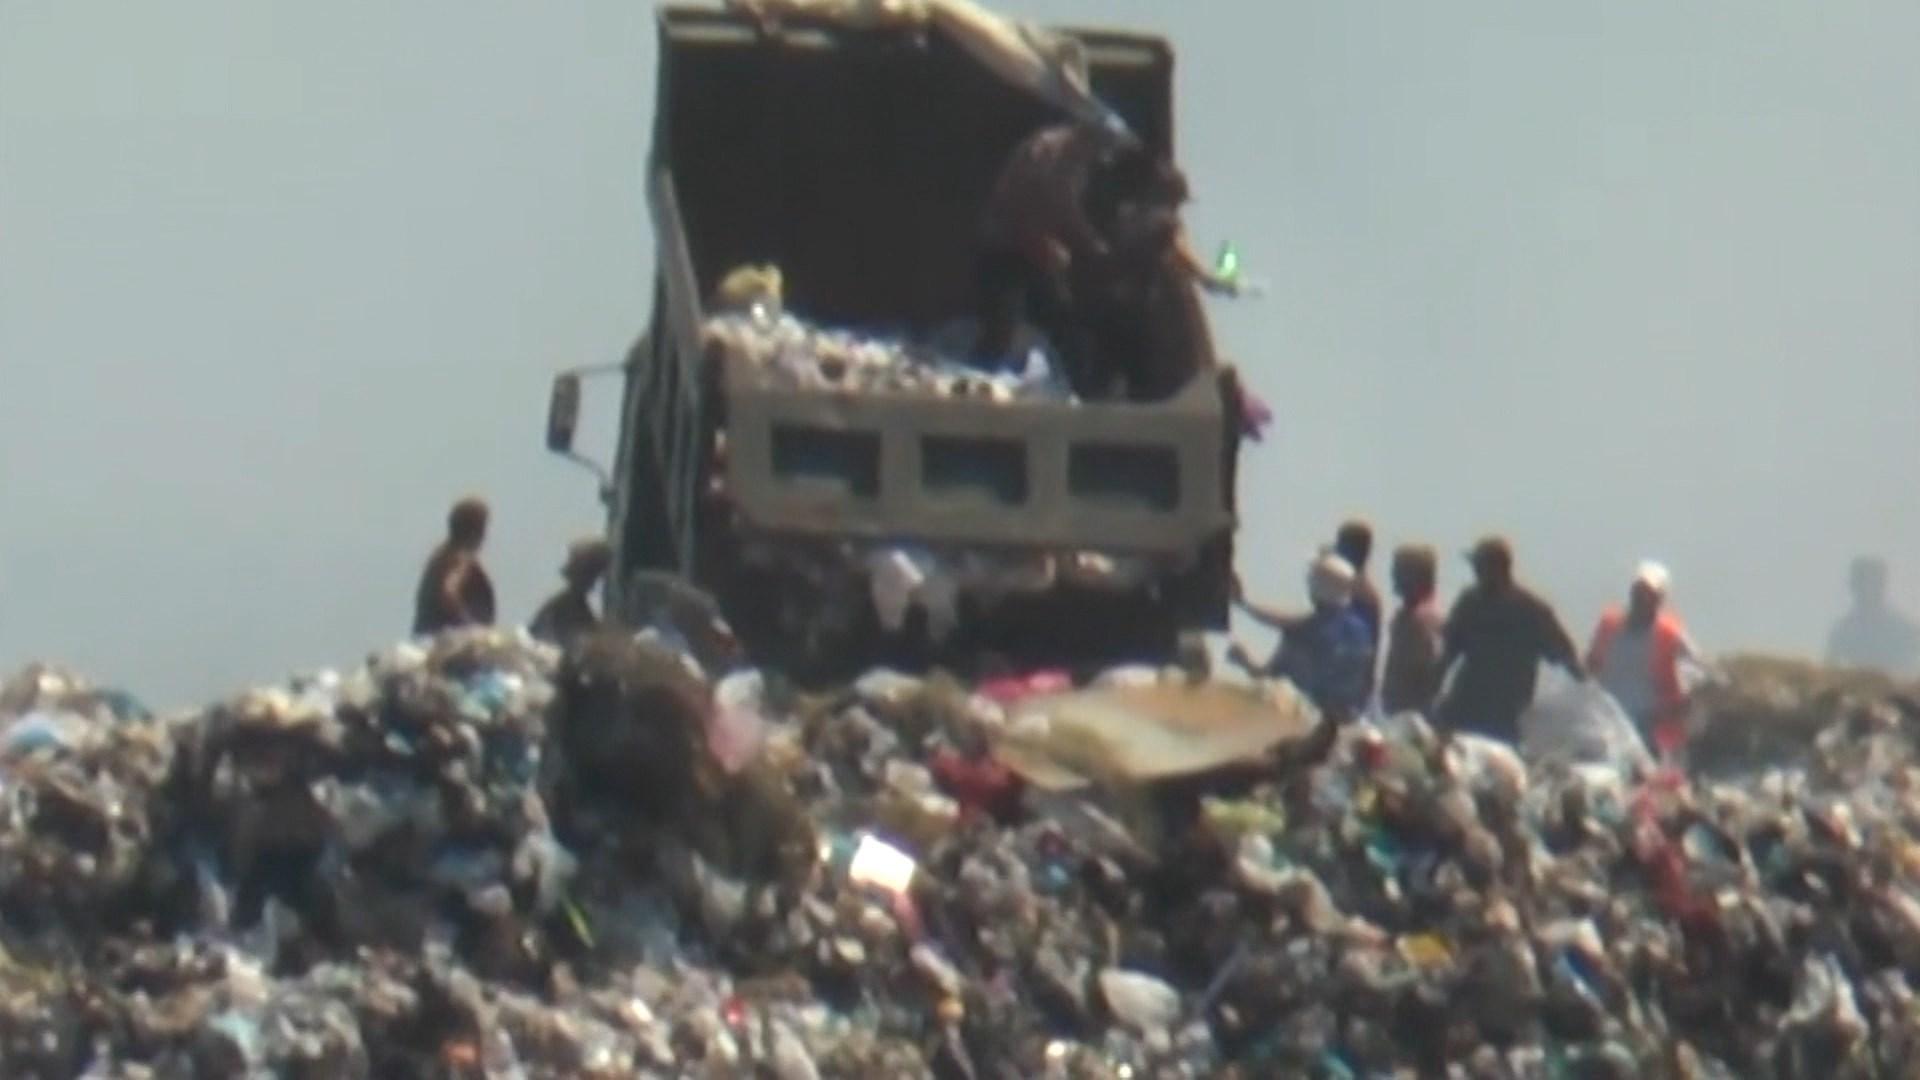 Klosi, kritika bashkive për menaxhimin e mbetjeve